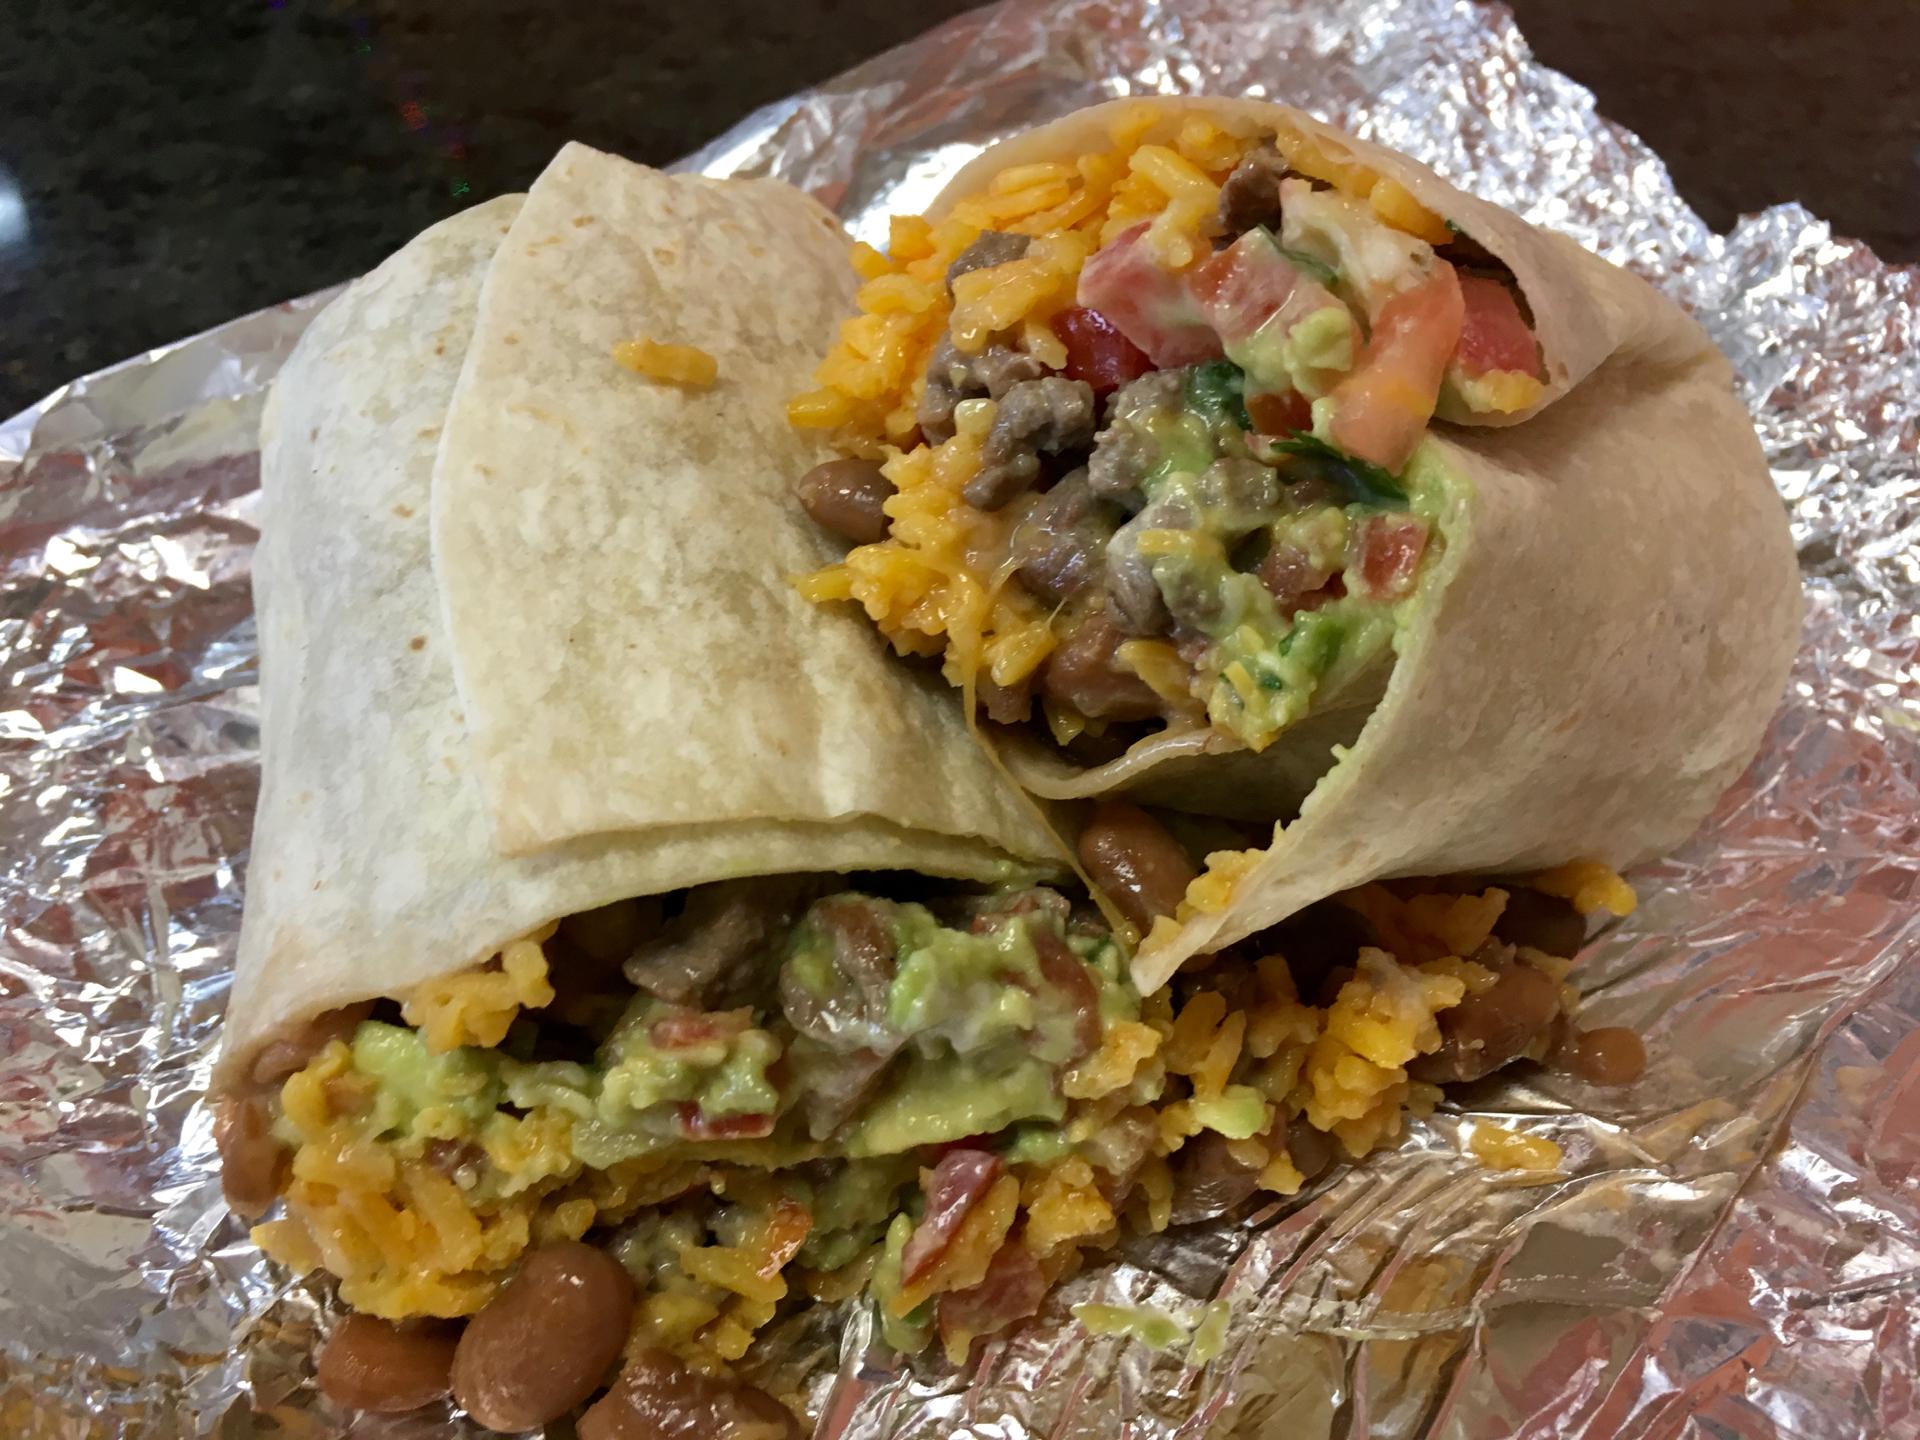 A super burrito with carne asada at La Costena Mexican Grill.